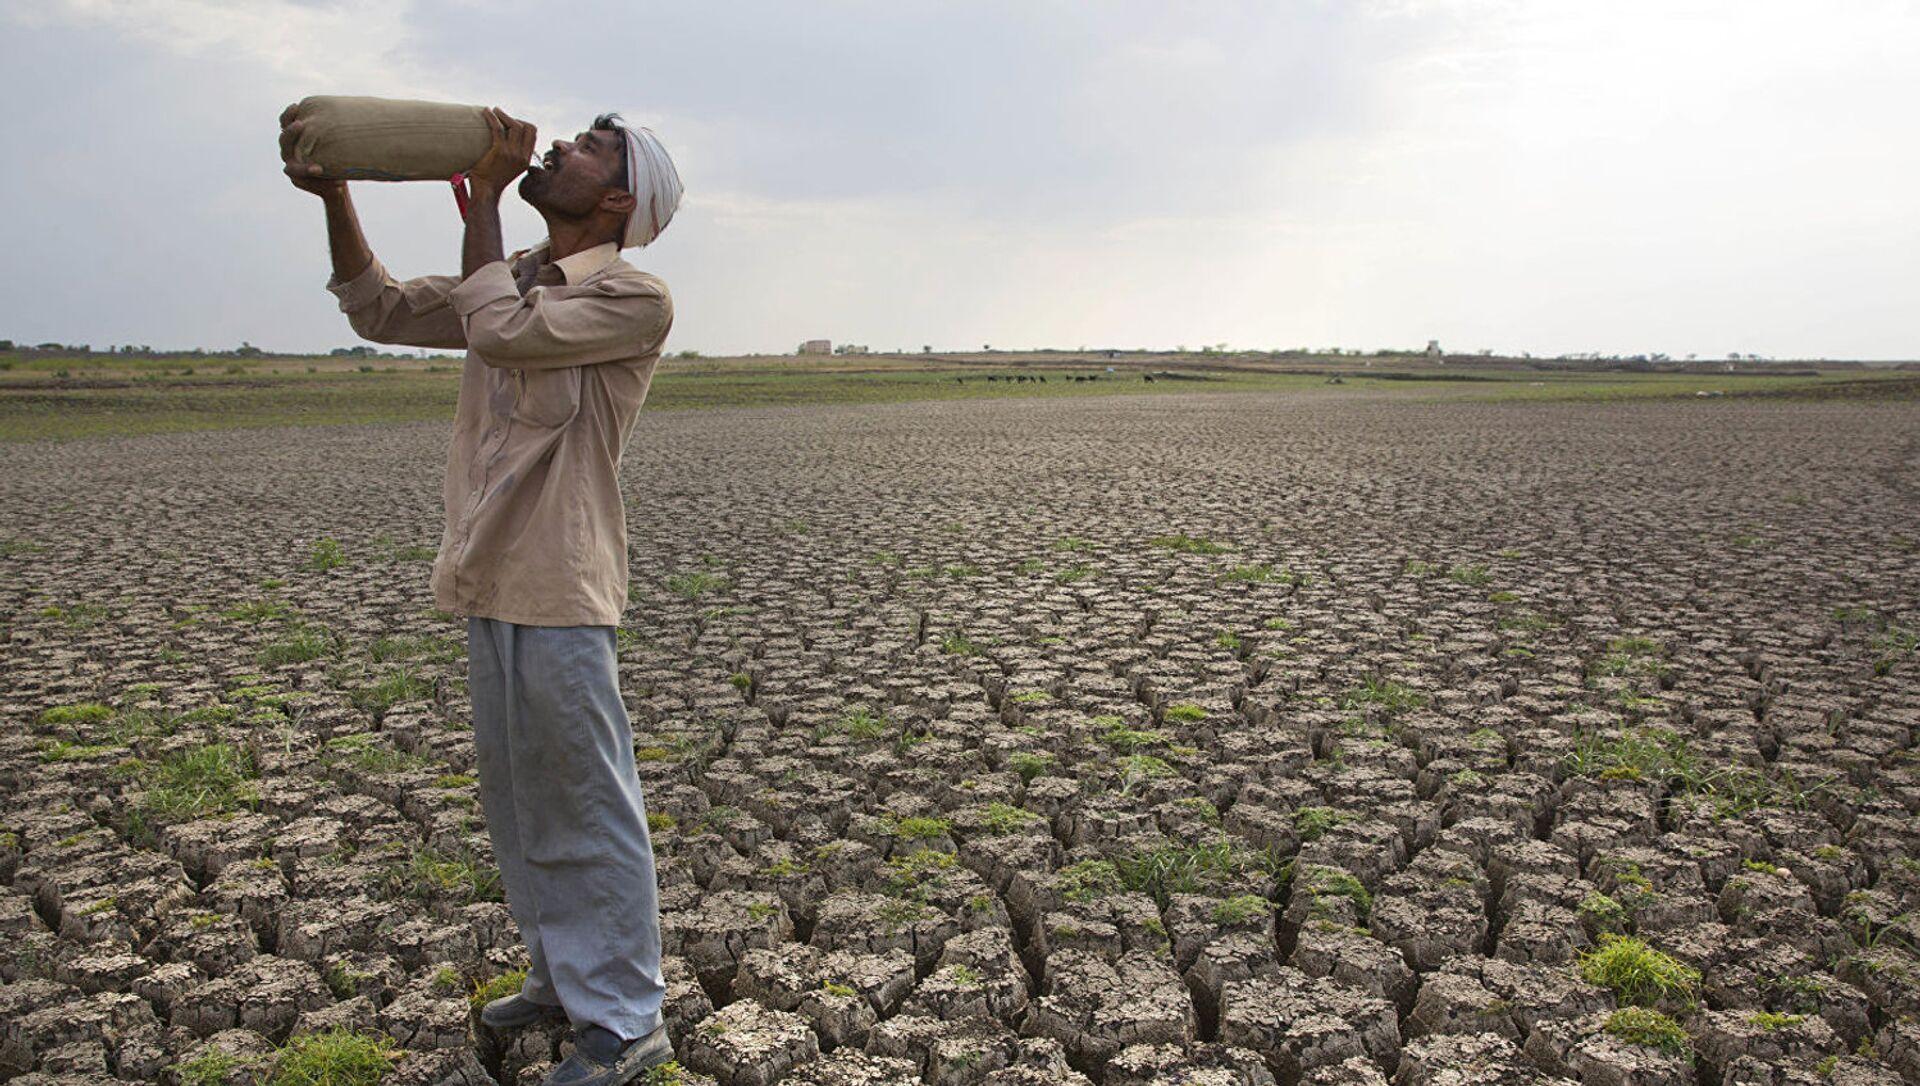 Con người có thể sử dụng chỉ số tài nguyên thiên nhiên cả năm trong 7 tháng đầu để tiết kiệm năng lượng tái tạo không? - Sputnik Việt Nam, 1920, 26.07.2021